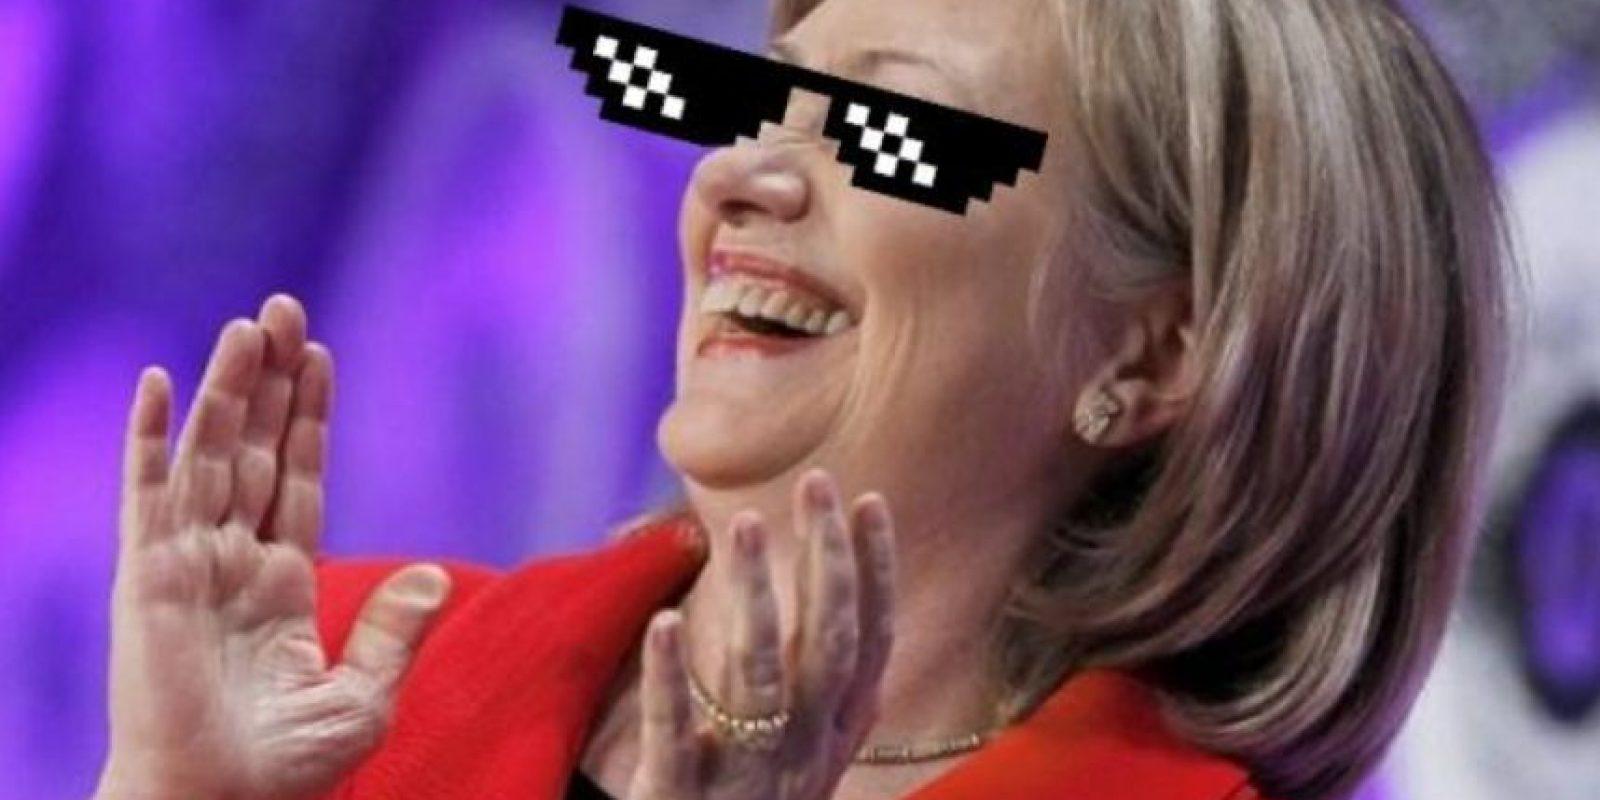 Mientras los republicanos robaban un poco de atención, muchos imaginaron a la candidata demócrata Hillary Clinton así. Foto:vía Twitter